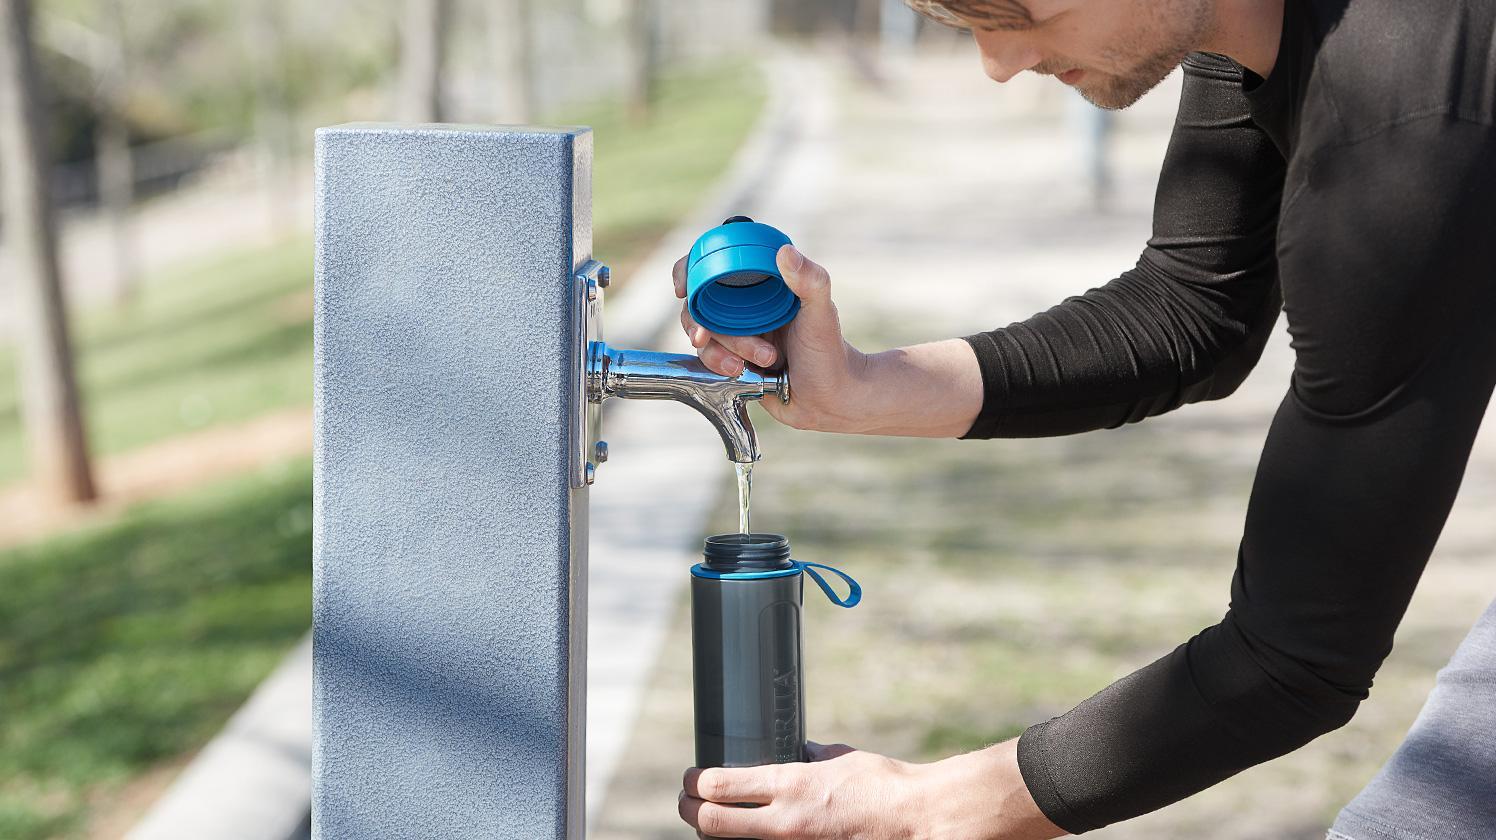 BRITA fill&go Active 運動濾水瓶 blue—正在戶外補注水量的男士